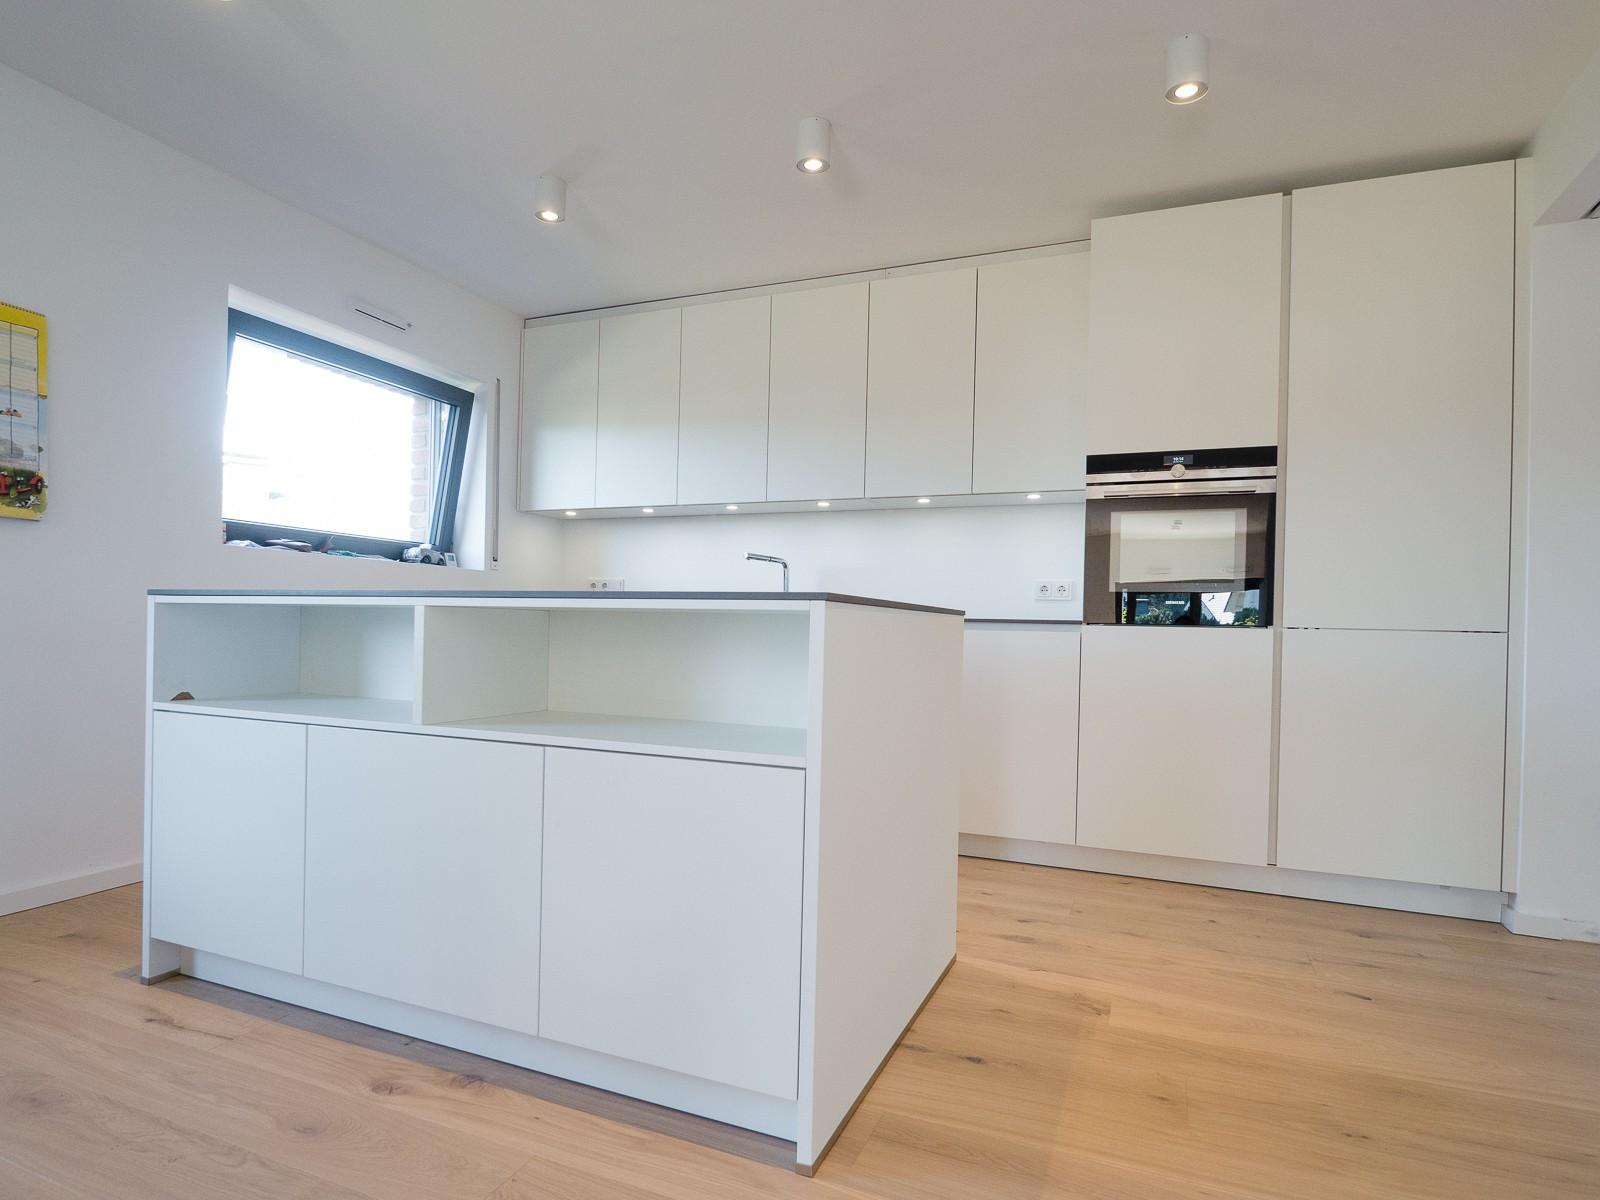 granit arbeitsplatte kochinsel. Black Bedroom Furniture Sets. Home Design Ideas